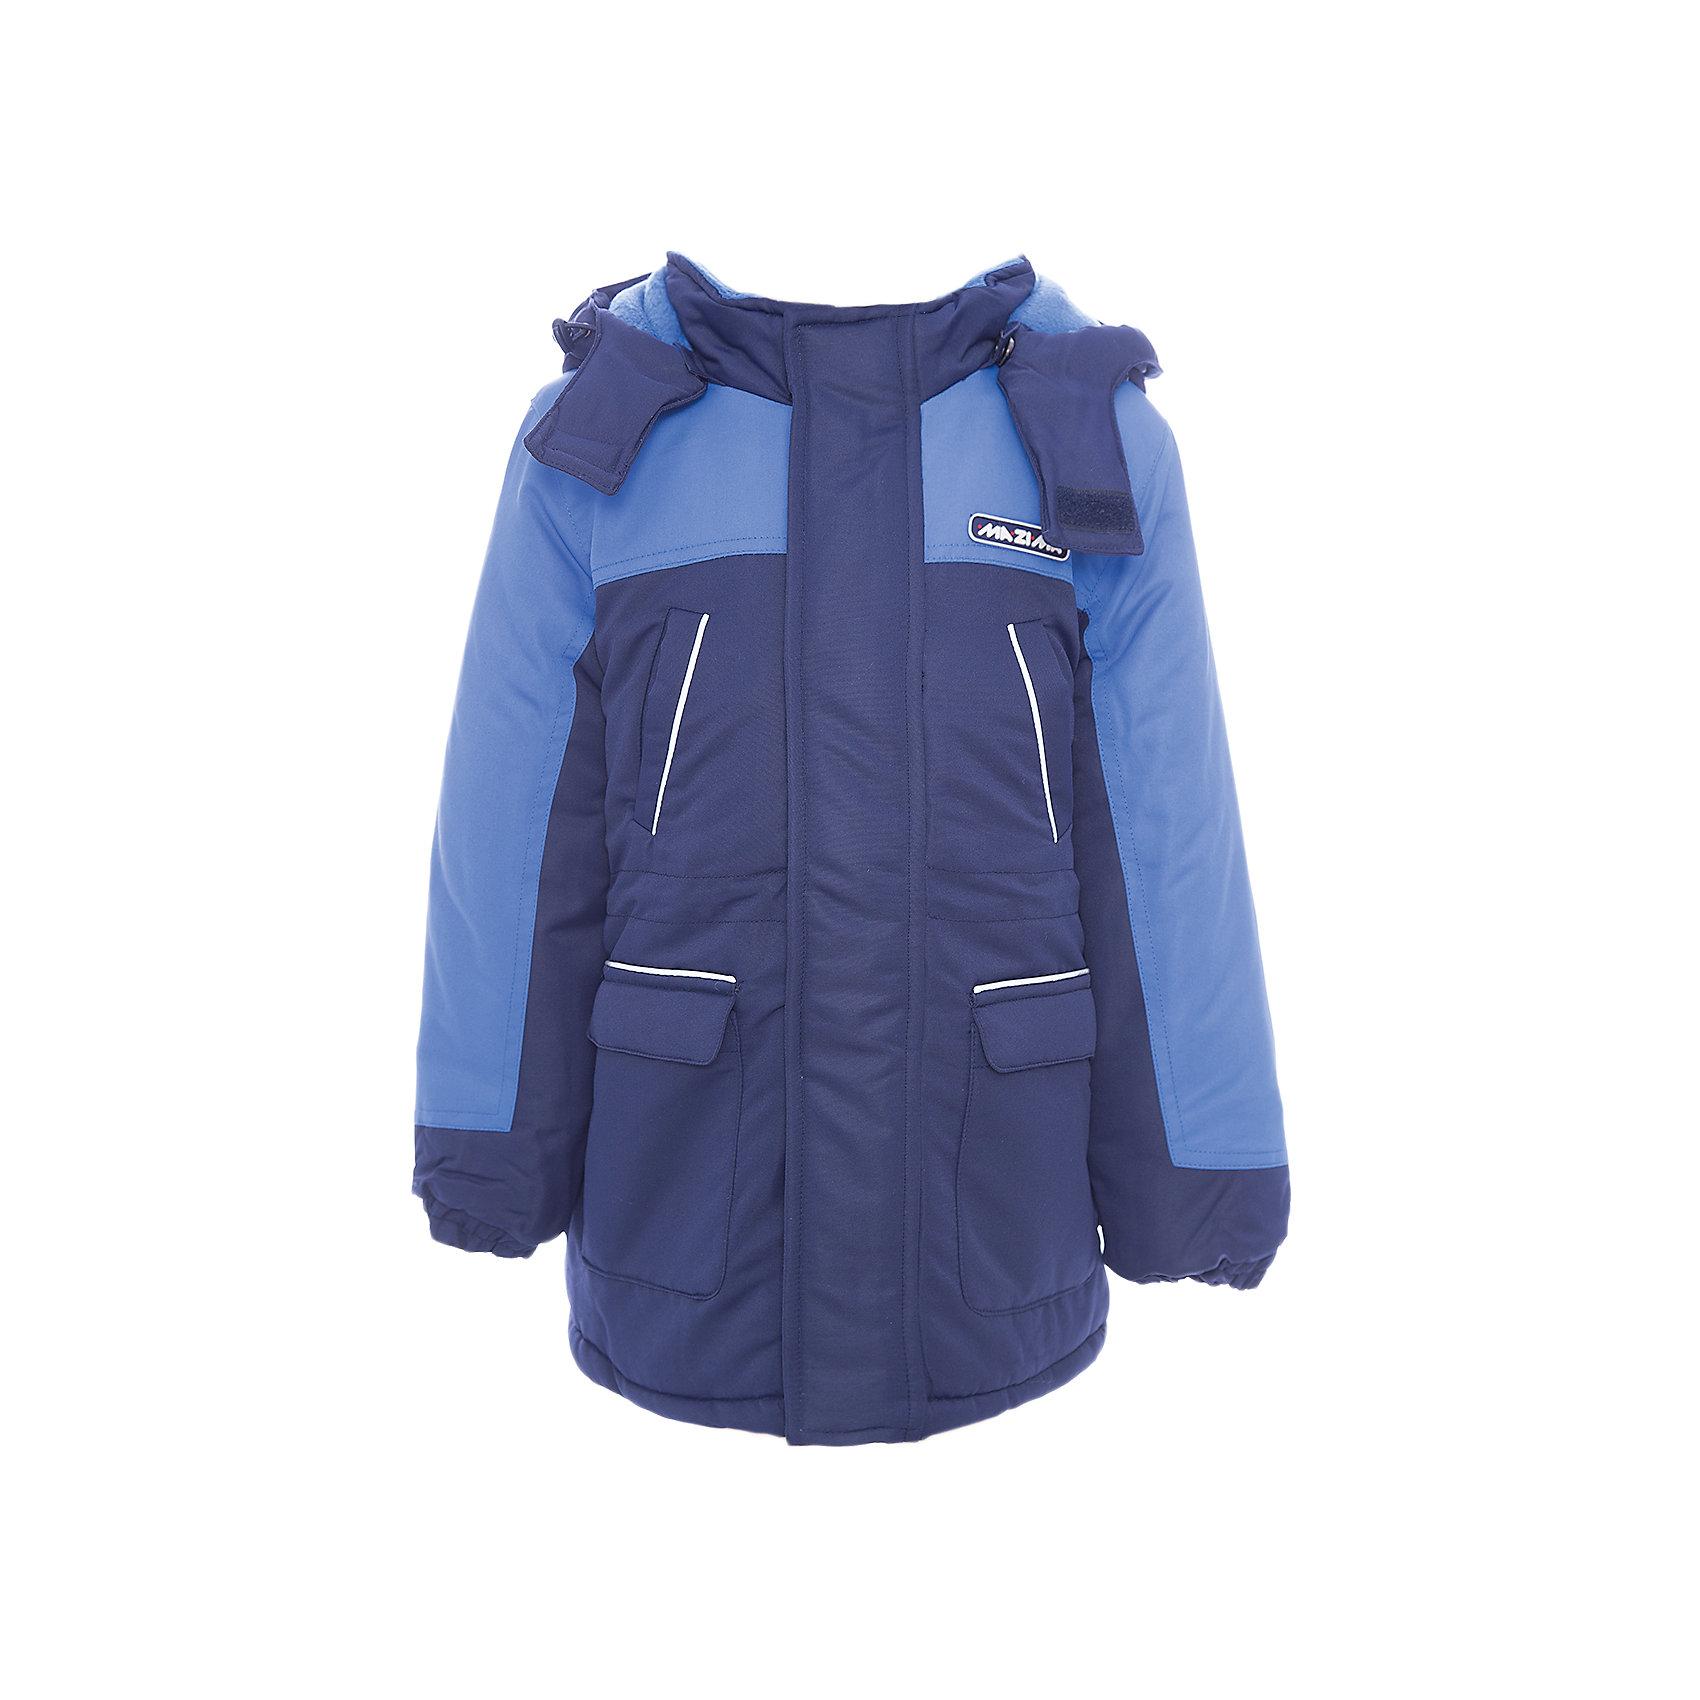 Куртка-парка Ma-Zi-Ma для мальчикаВерхняя одежда<br>Характеристики товара:<br><br>• цвет: синий<br>• состав ткани: 100% полиэстер с водоотталкивающей пропиткой <br>• подкладка: поларфлис <br>• утеплитель: полиэстер<br>• сезон: зима<br>• температурный режим: от -30 до +5<br>• водонепроницаемость: 1000 мм <br>• паропроницаемость: 1000 г/м2<br>• плотность утеплителя: куртка - 280 г/м2, брюки - 200 г/м2<br>• капюшон: съемный, без меха<br>• застежка: молния<br>• страна бренда: Россия<br>• страна изготовитель: Китай<br><br>Синяя теплая куртка-парка для мальчика позволит в холода создать ребенку комфортные условия. Верх детской зимней куртки - с водонепроницаемой пропиткой. Качественный наполнитель детской парки для зимы легкий и теплый. Куртка-парка для зимы дополнена элементами, защищающими от попадания внутрь снега.<br><br>Куртку-парку Ma-Zi-Ma (Ма-Зи-Ма) для мальчика можно купить в нашем интернет-магазине.<br><br>Ширина мм: 356<br>Глубина мм: 10<br>Высота мм: 245<br>Вес г: 519<br>Цвет: голубой<br>Возраст от месяцев: 84<br>Возраст до месяцев: 96<br>Пол: Мужской<br>Возраст: Детский<br>Размер: 128,134,140,146,152,104,110,116,122<br>SKU: 7144444